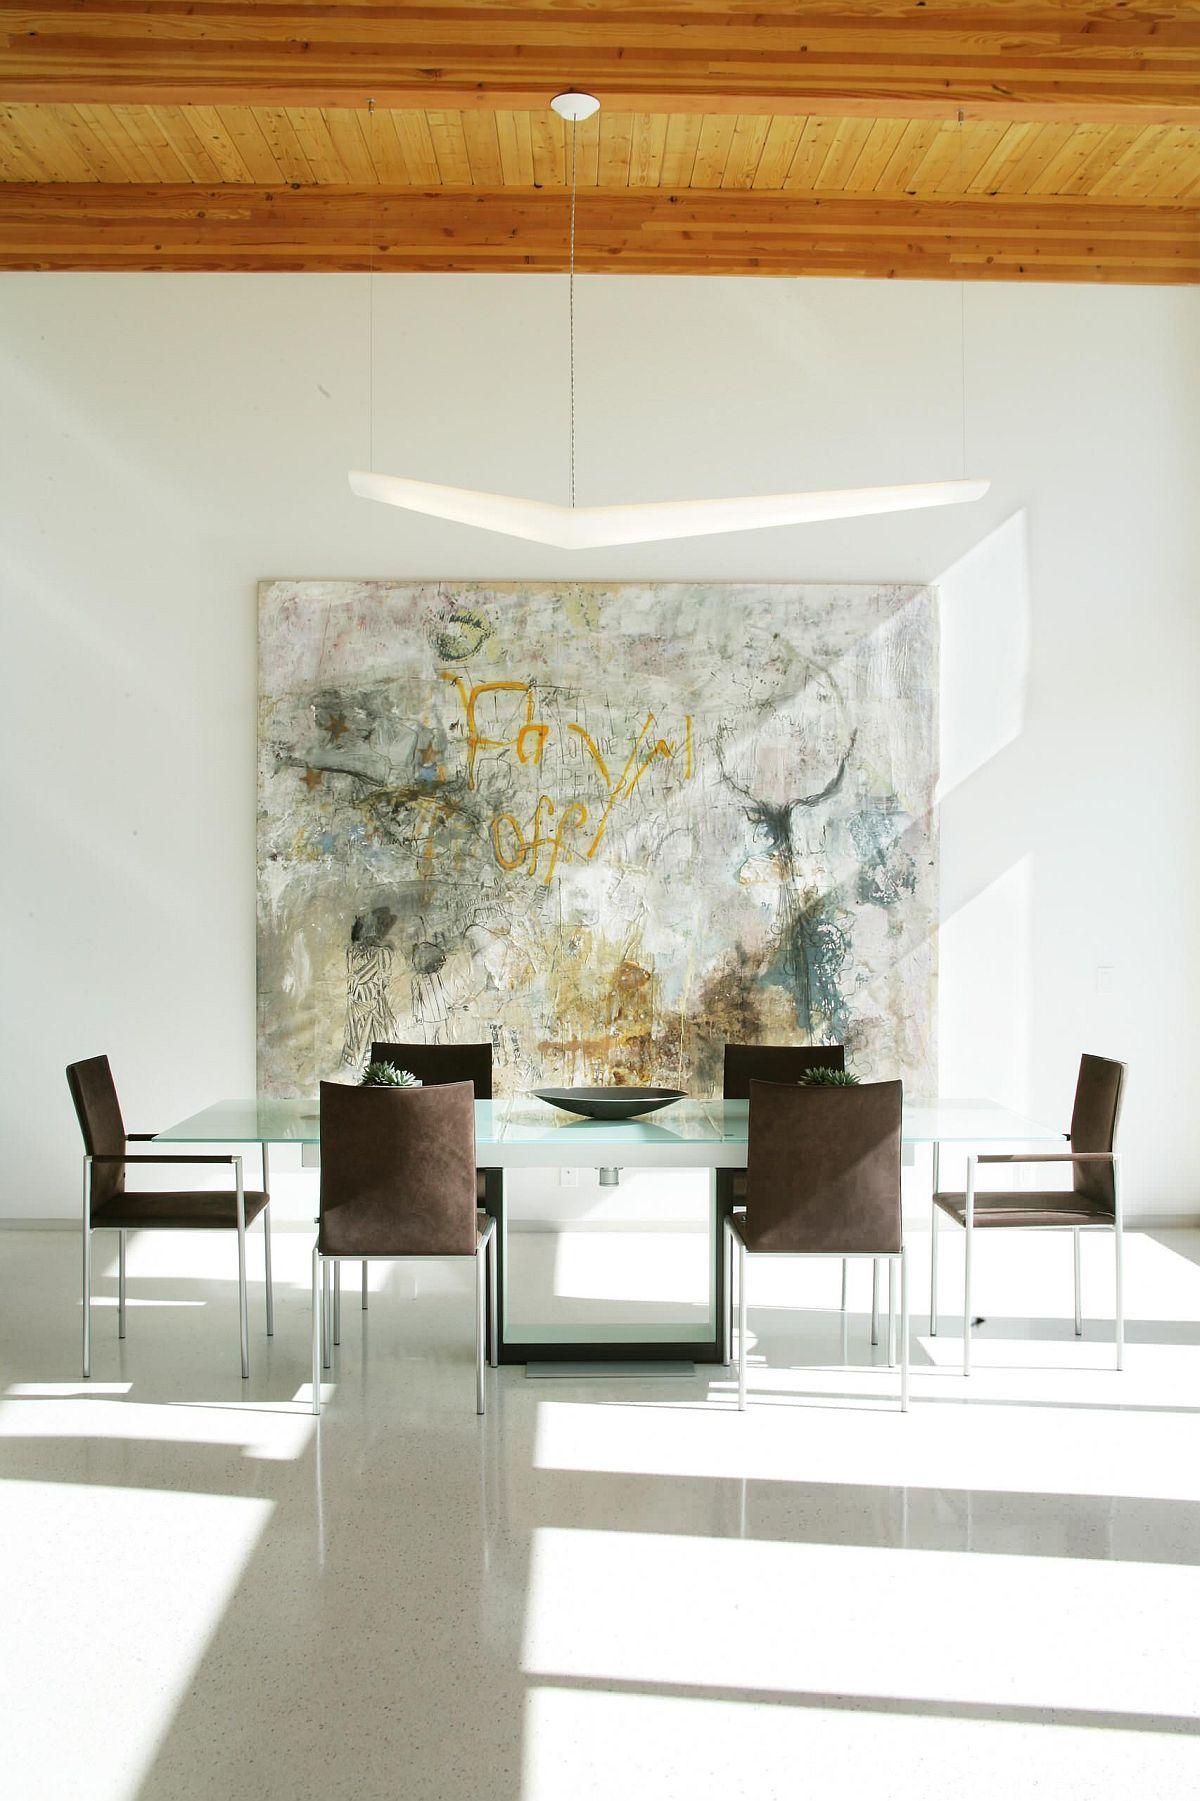 Graffiti được đưa vào phòng ăn tối giản để tạo ra nhiều thị giác hơn